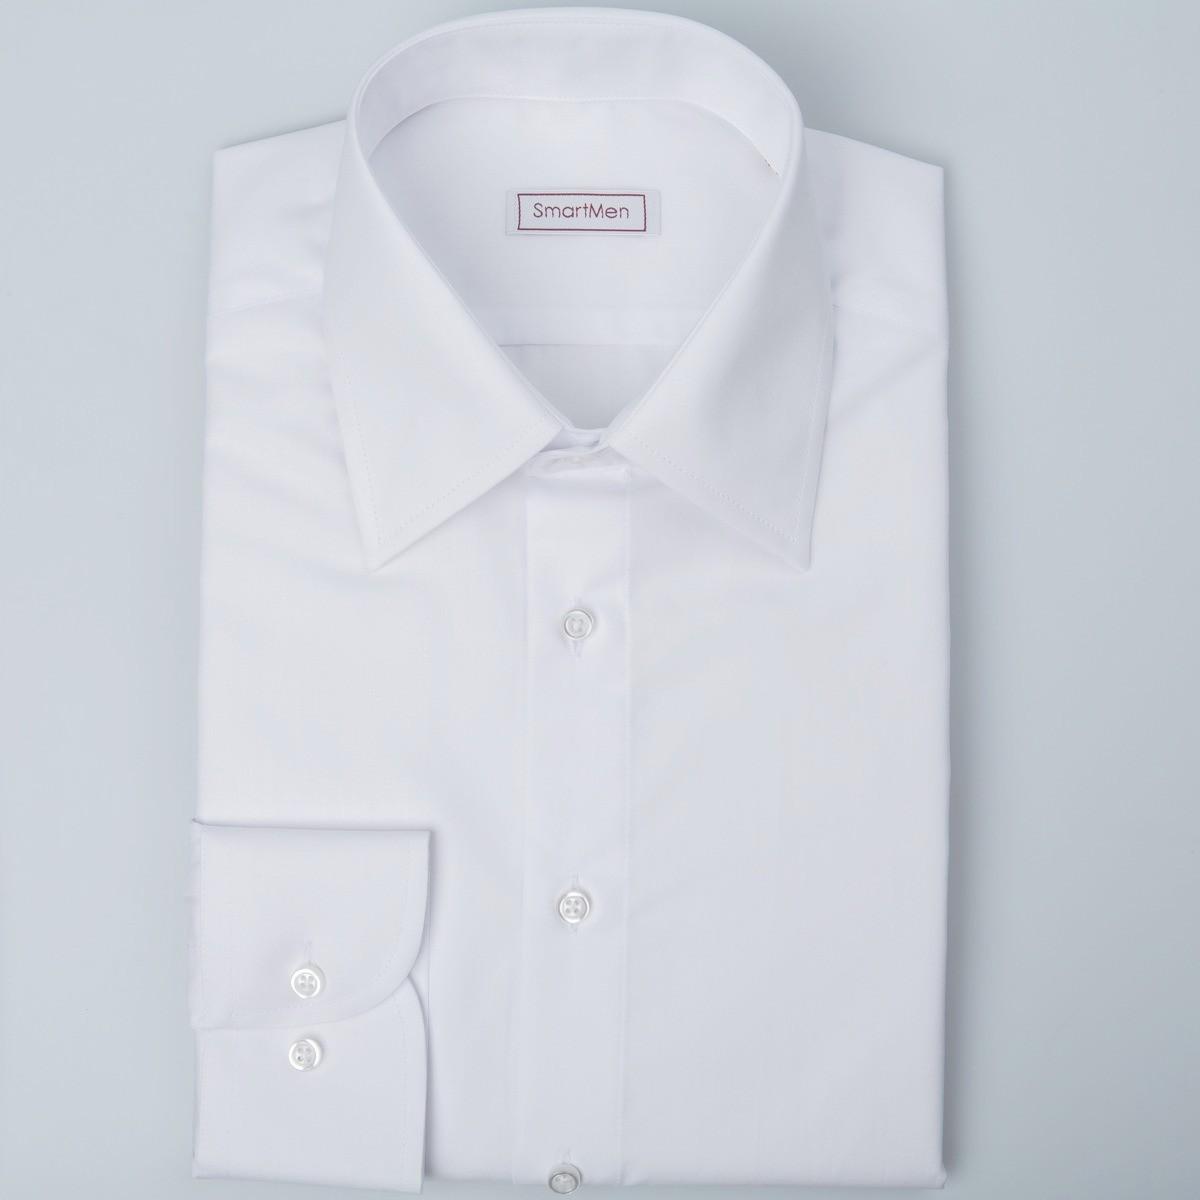 a38d7adaf0a3 Biela pánska košeľa s dlhým rukávom spoločenská do oblekov